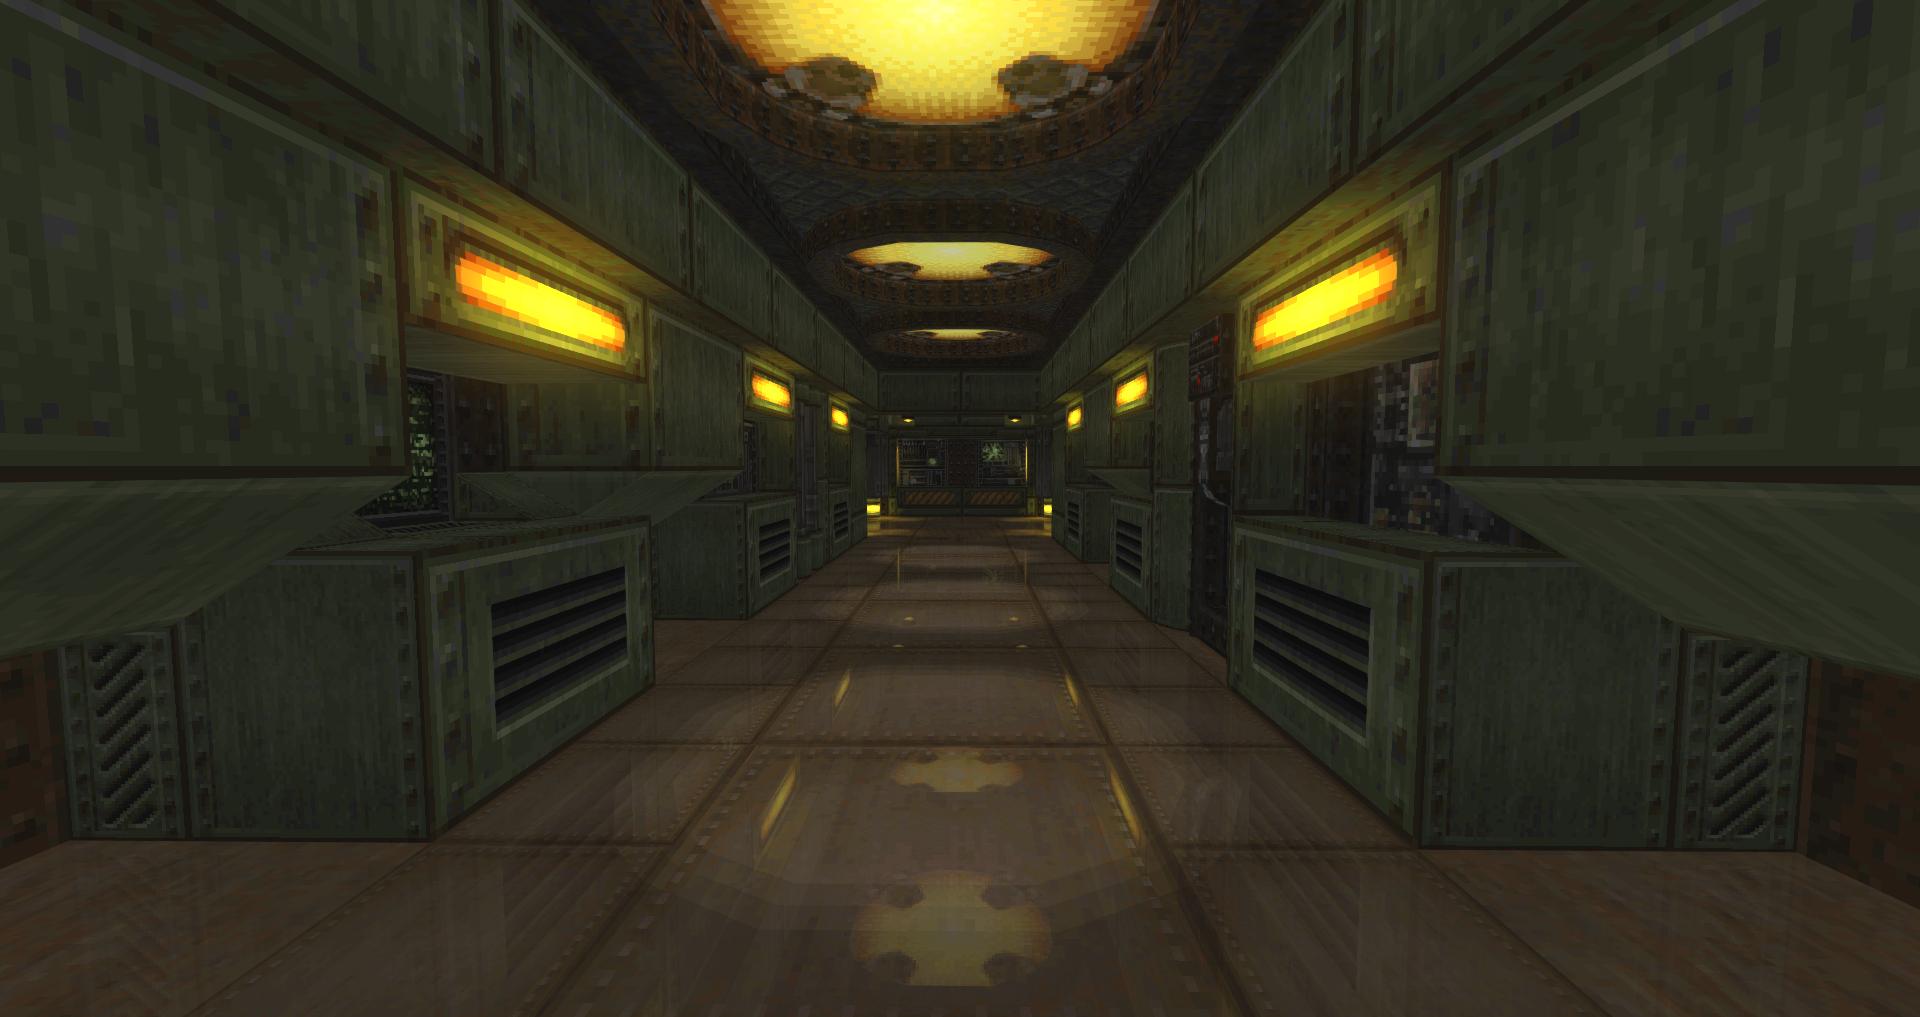 Screenshot_Doom_20200728_101339.png.caf3cc22cc6106f622b98ff562a6326a.png